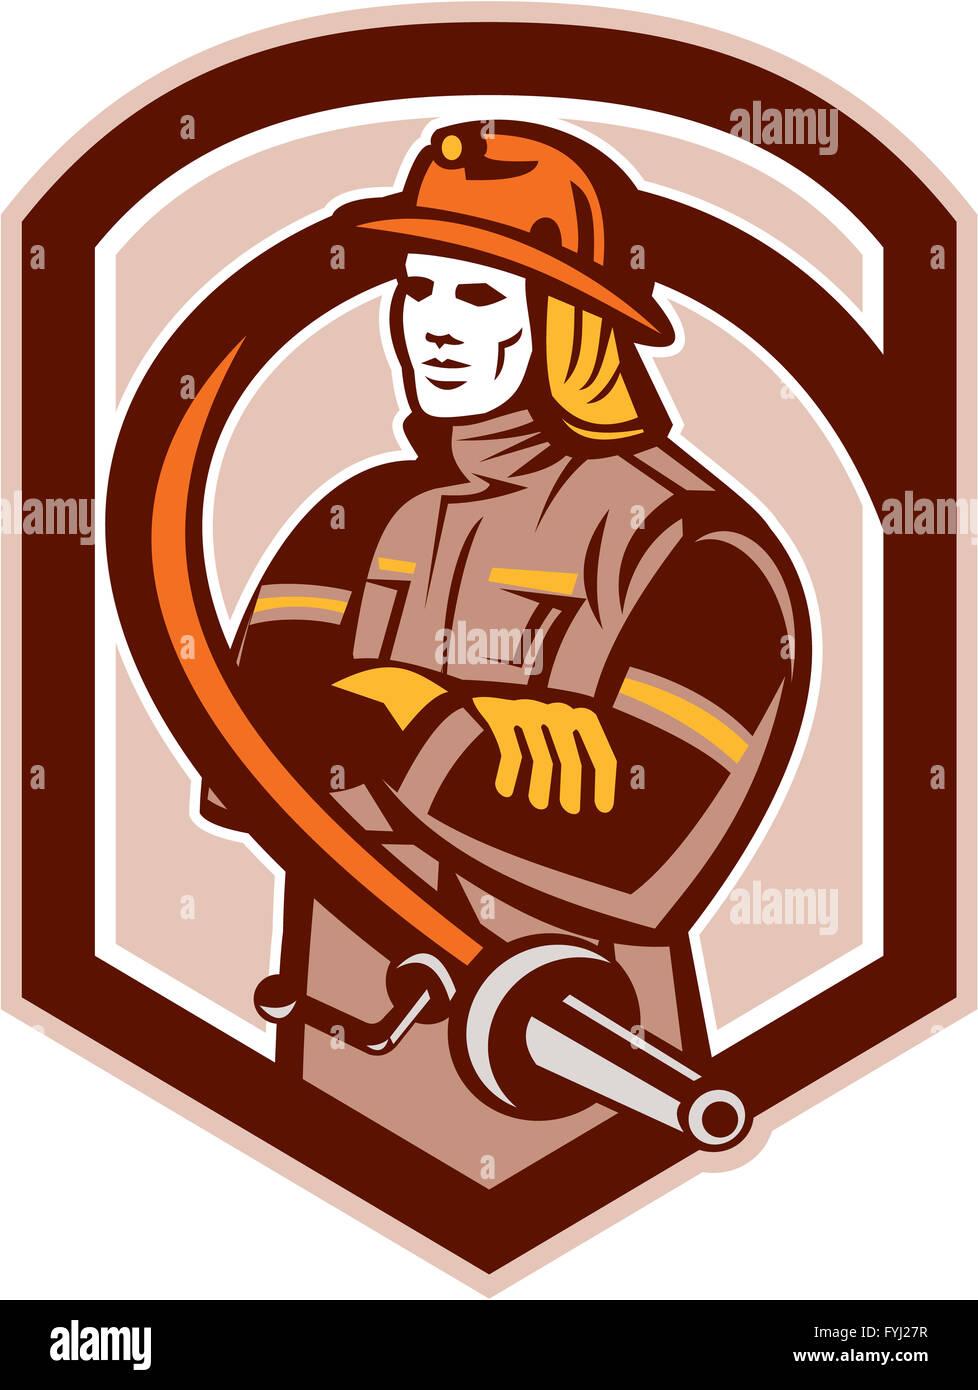 Feuerwehrmann Feuerwehrmann Faltung Arme Schild Retro Stockbild